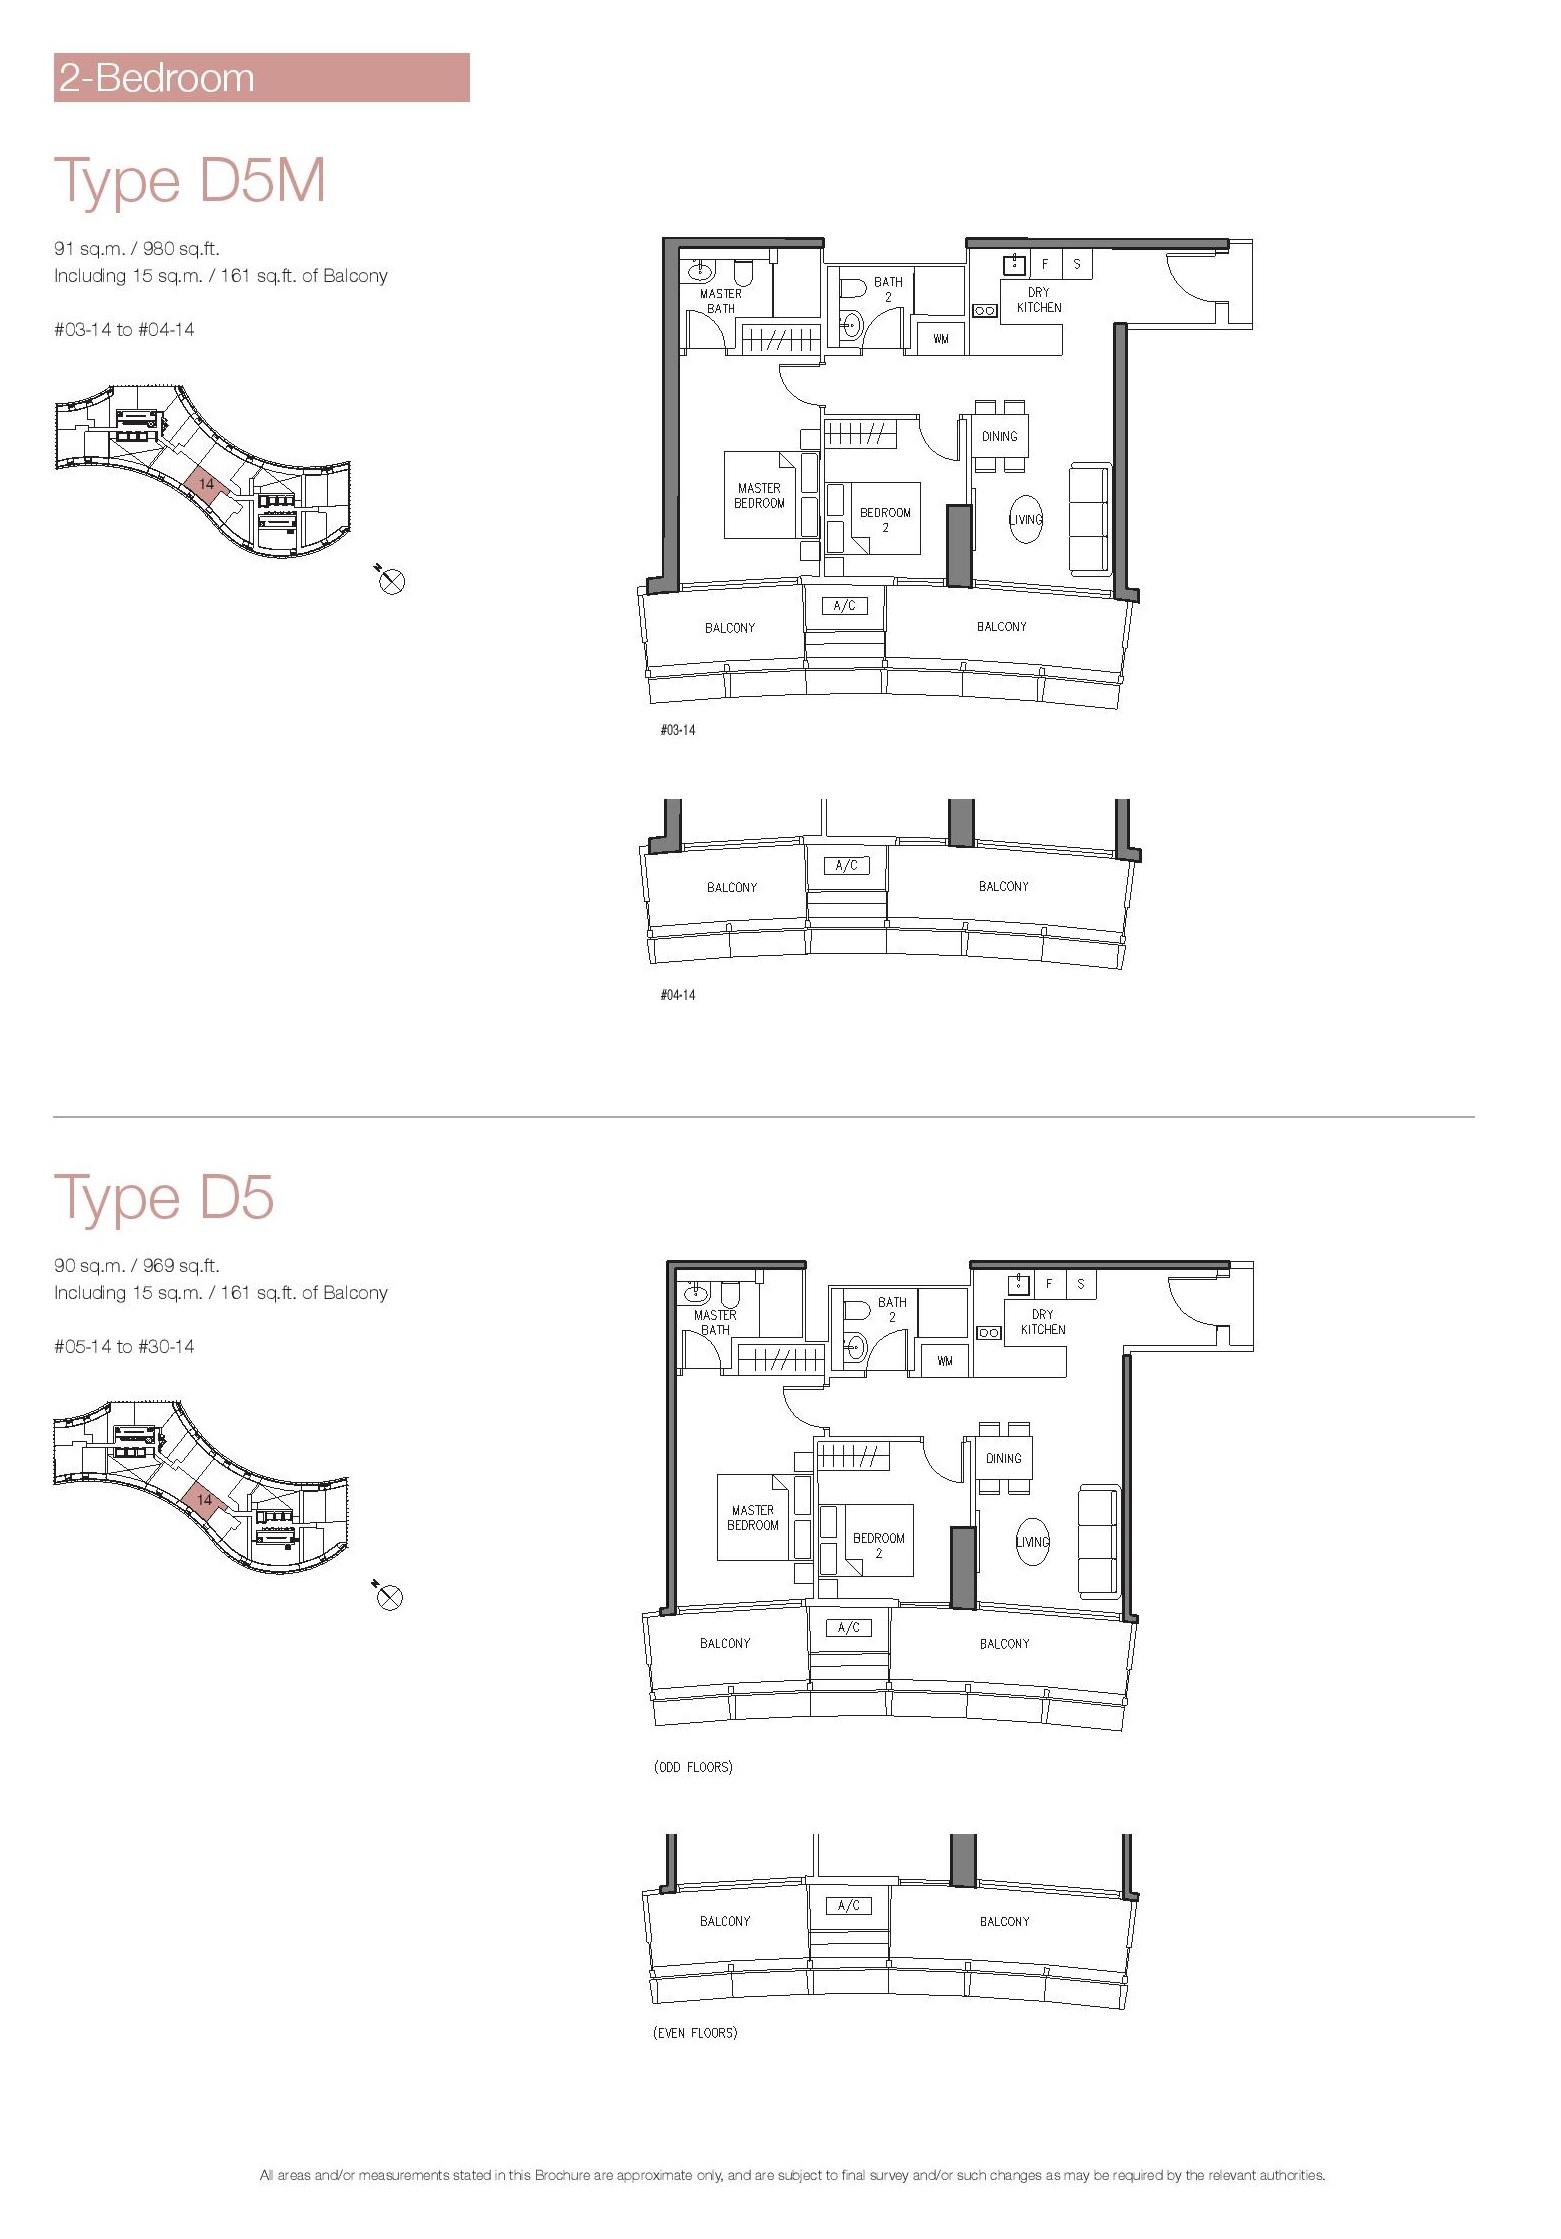 Duo Residences 2 Bedroom Floor Plan Type D5, D5M